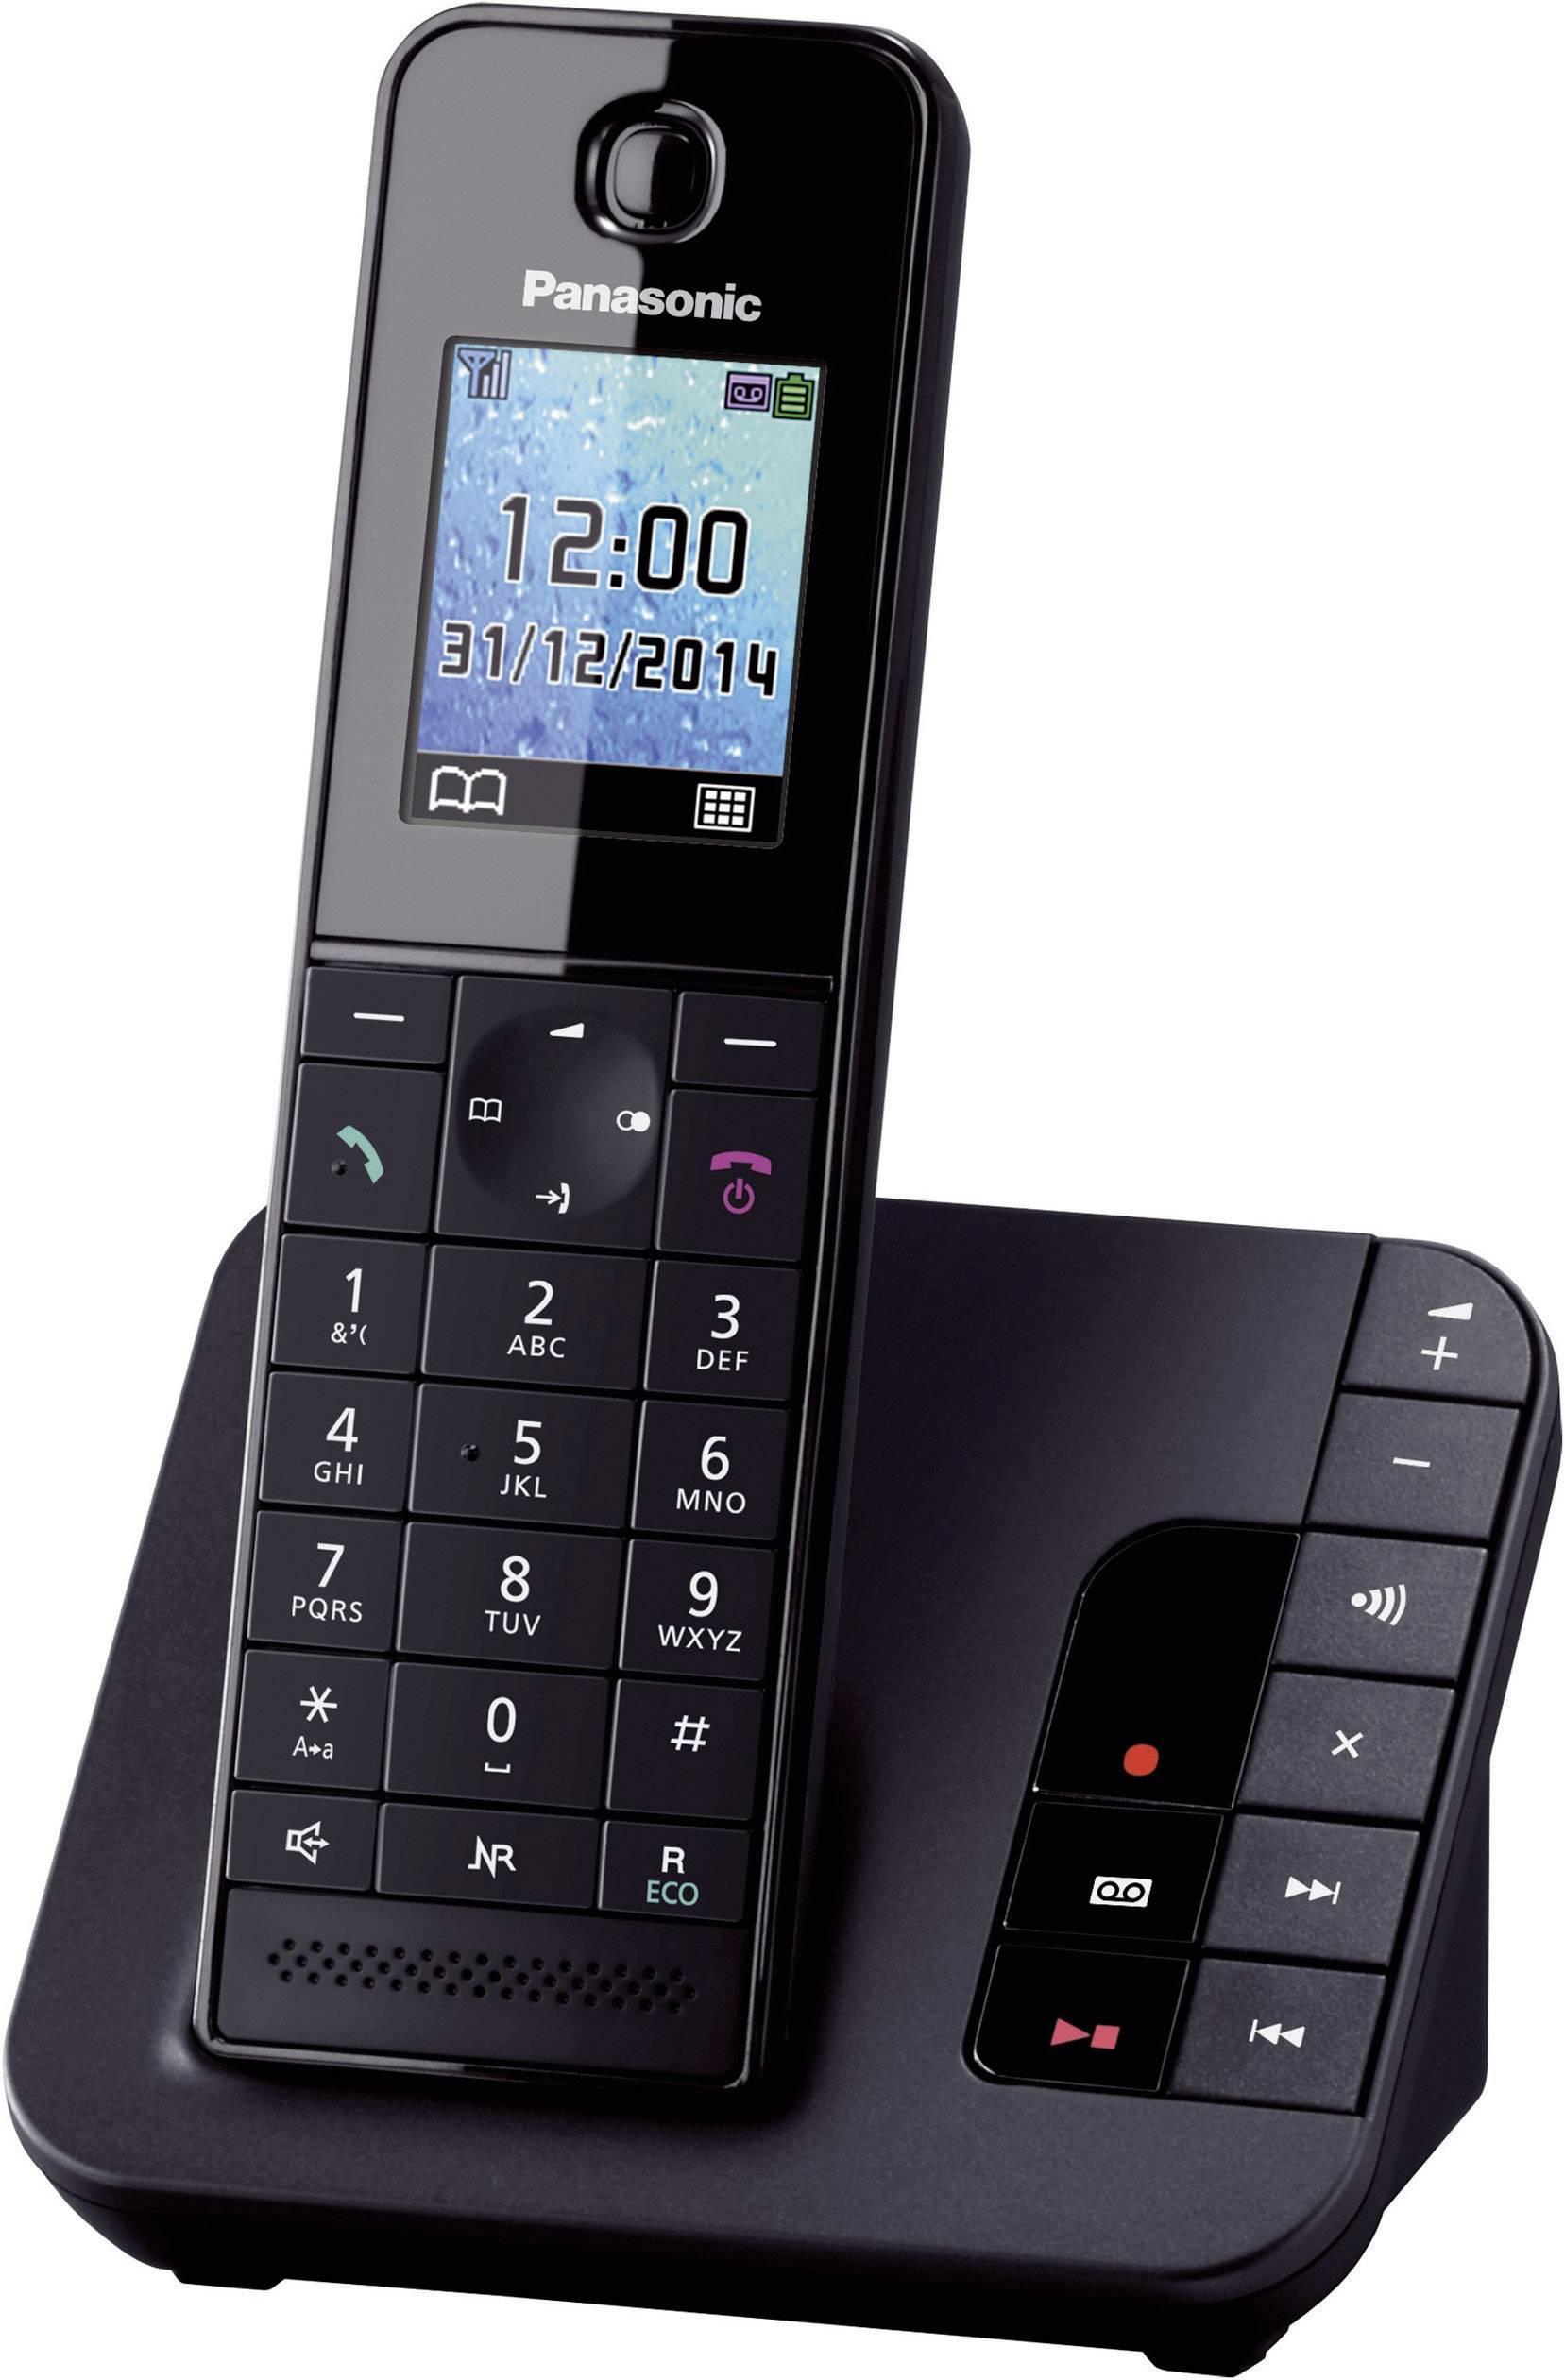 Bezdrátový analogový telefon Panasonic KX-TGH220, černá